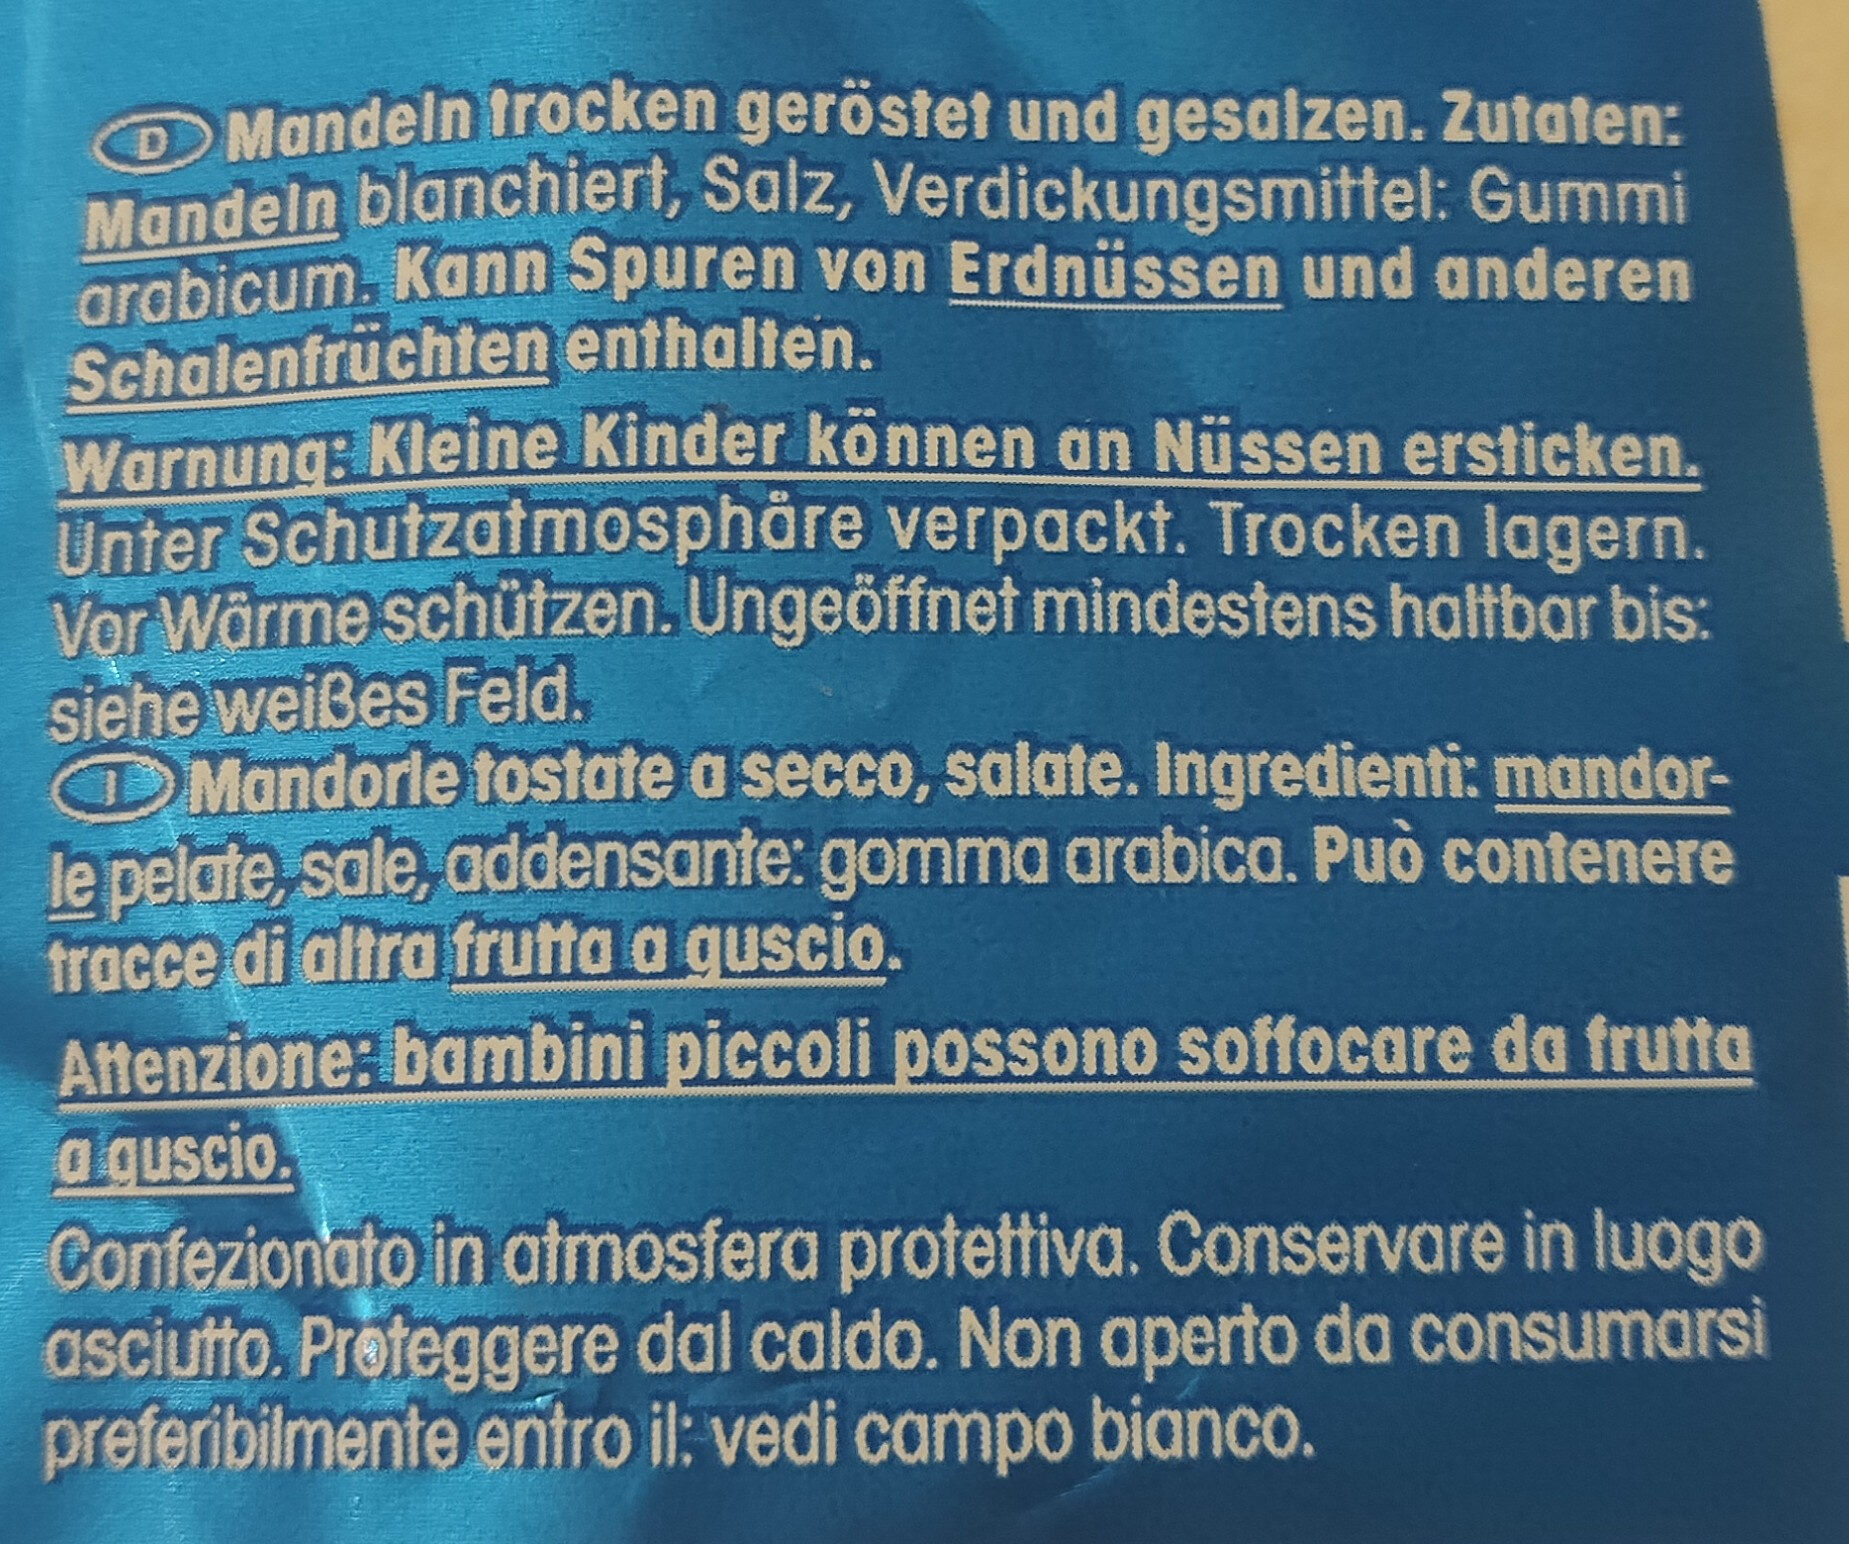 Salzmandeln gesalzen - Ingredienti - en